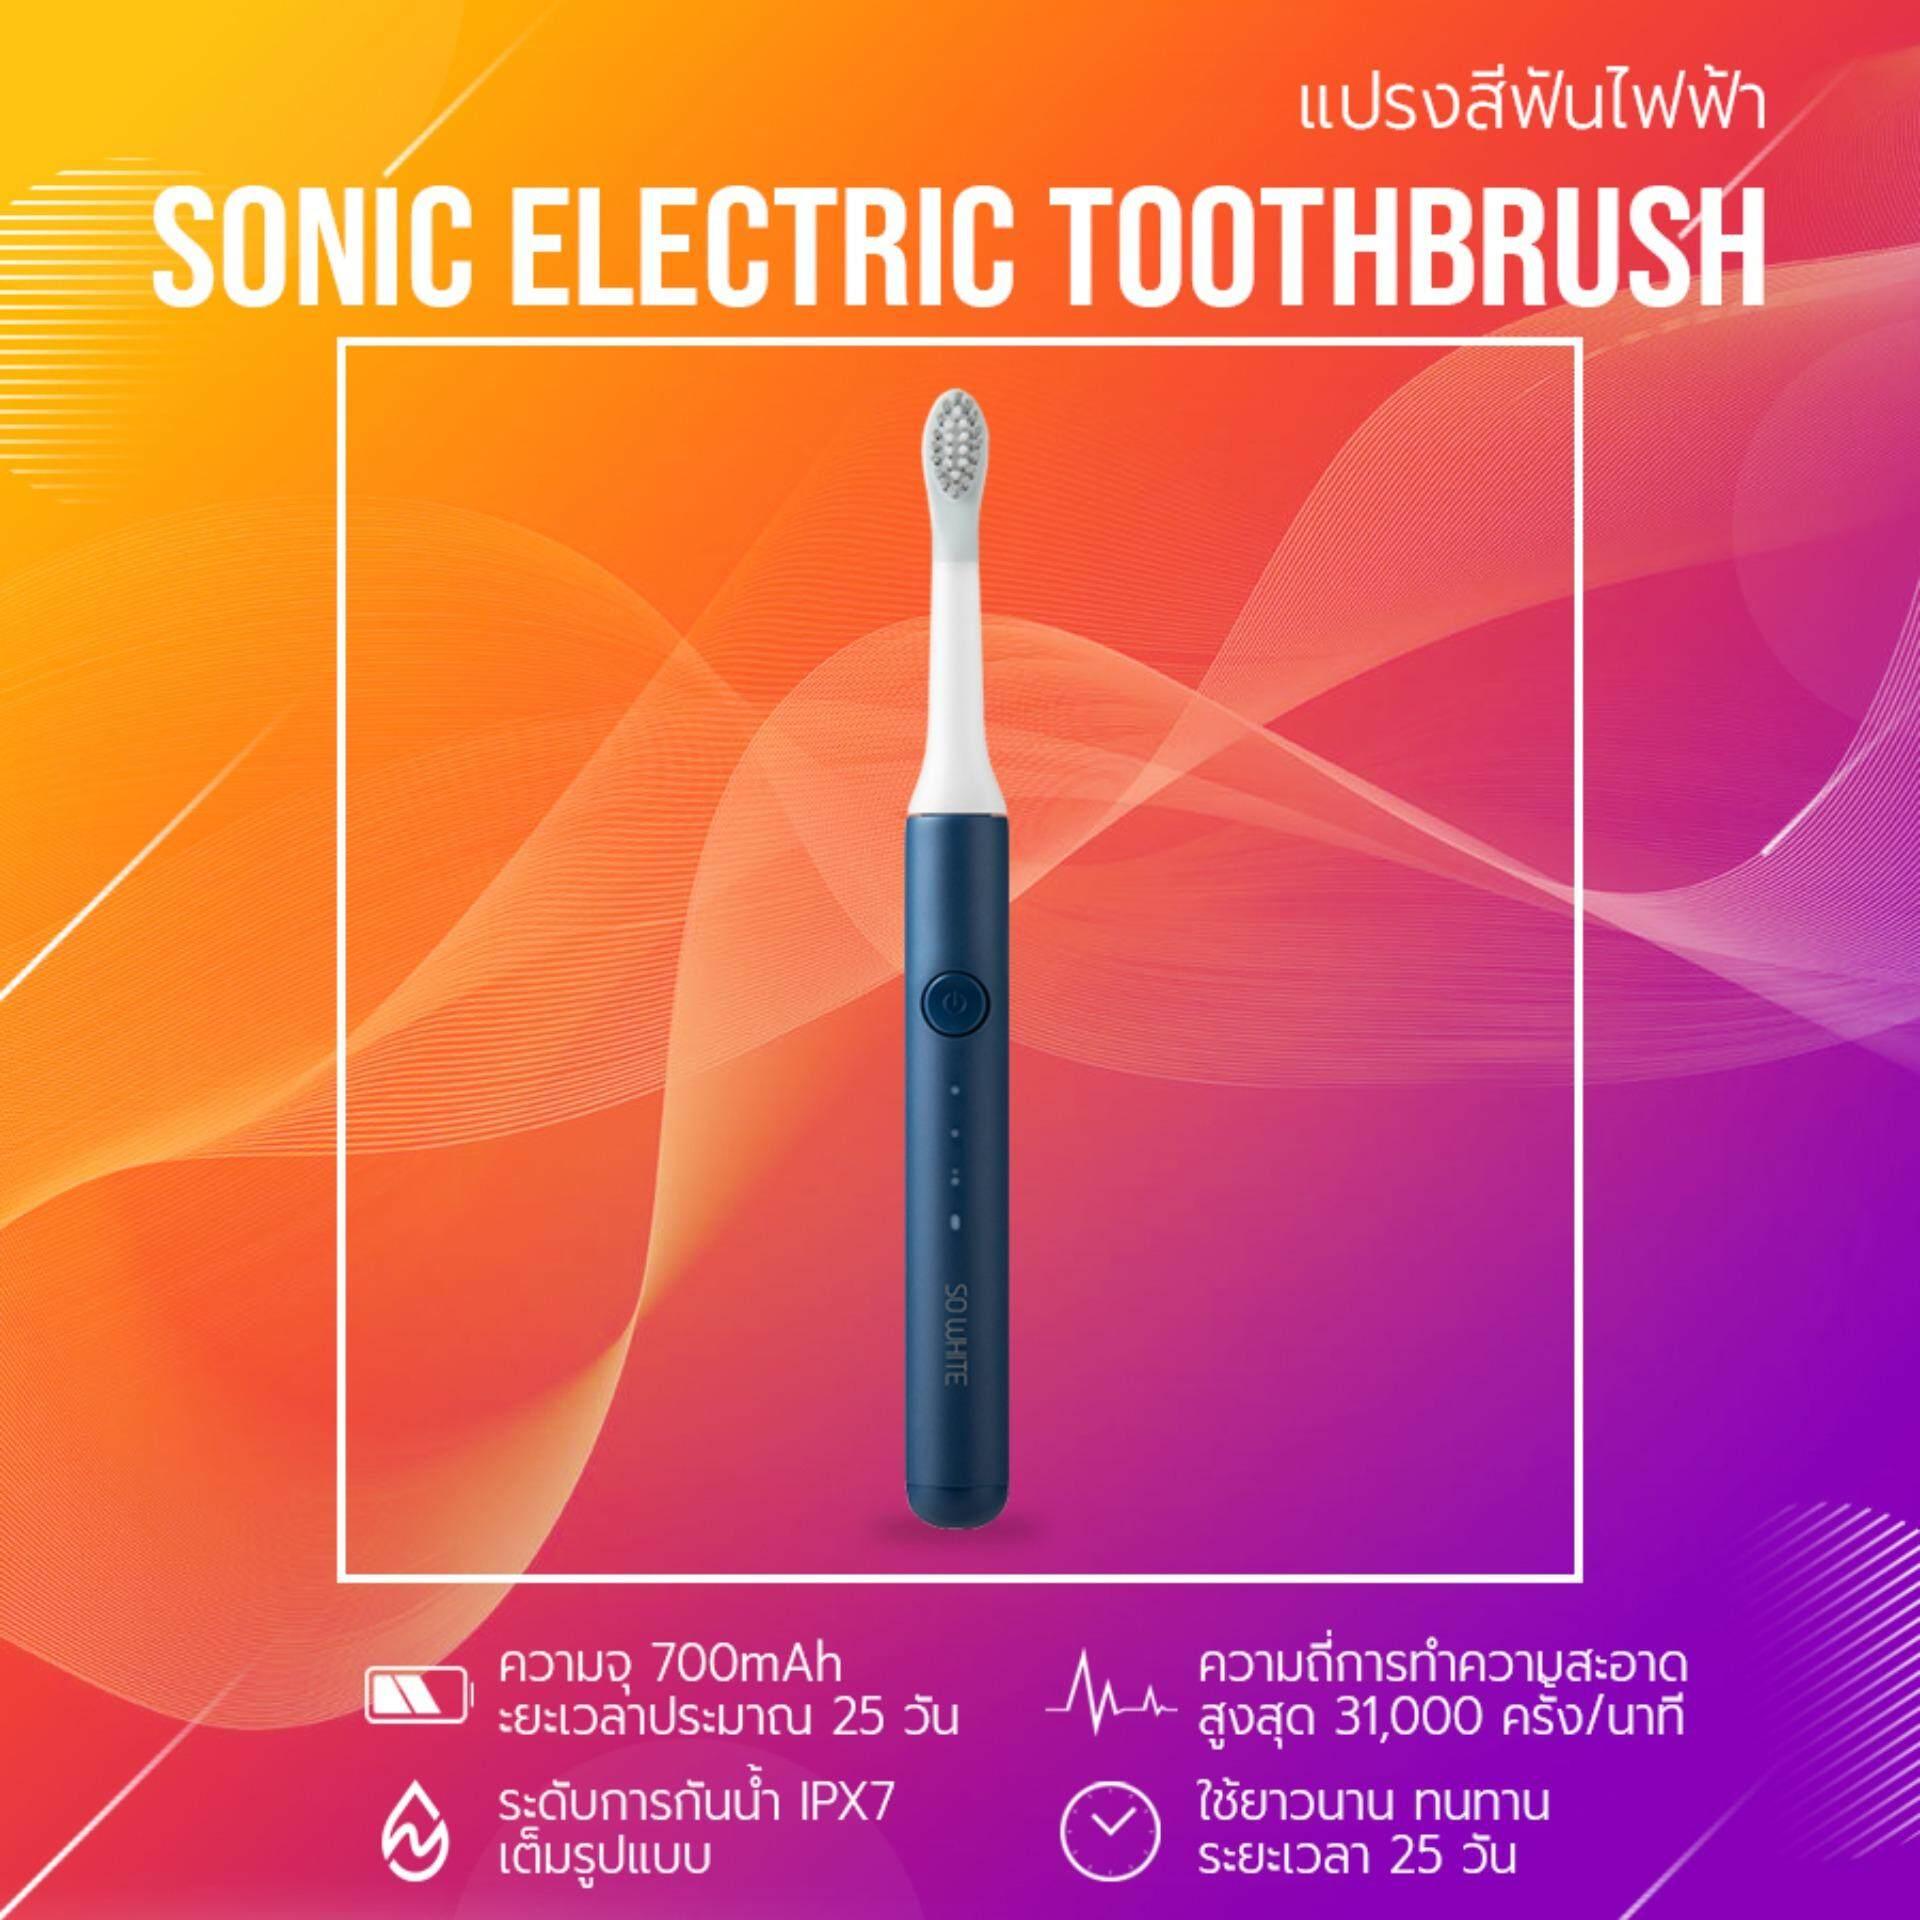 แปรงสีฟันไฟฟ้า ช่วยดูแลสุขภาพช่องปาก เพชรบูรณ์ Xiaomi SO WHITE EX3: Sonic Electric Toothbrush แปรงสีฟันไฟฟ้า ความแรงสามระดับ